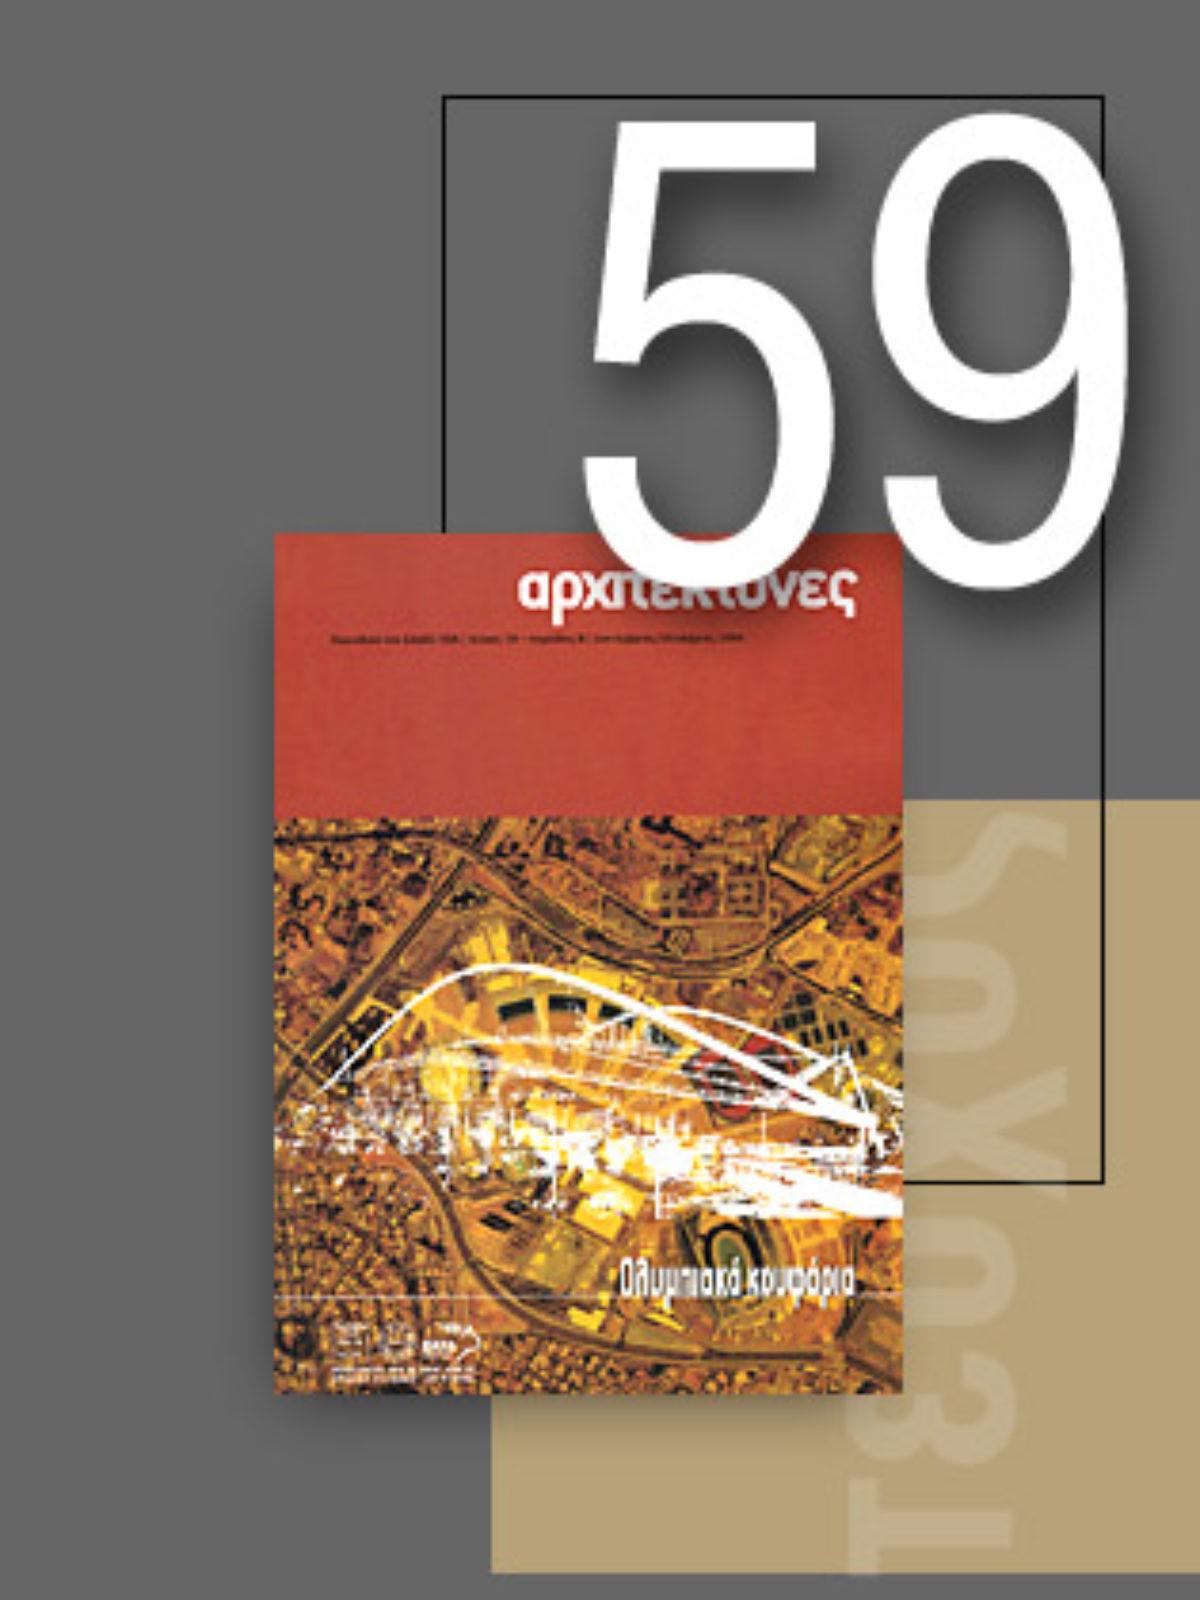 «Αρχιτέκτονες» Τεύχος 59, Περίοδος Β', Σεπτέμβριος/Οκτώβριος 2006 | Ολυμπιακά κουφάρια